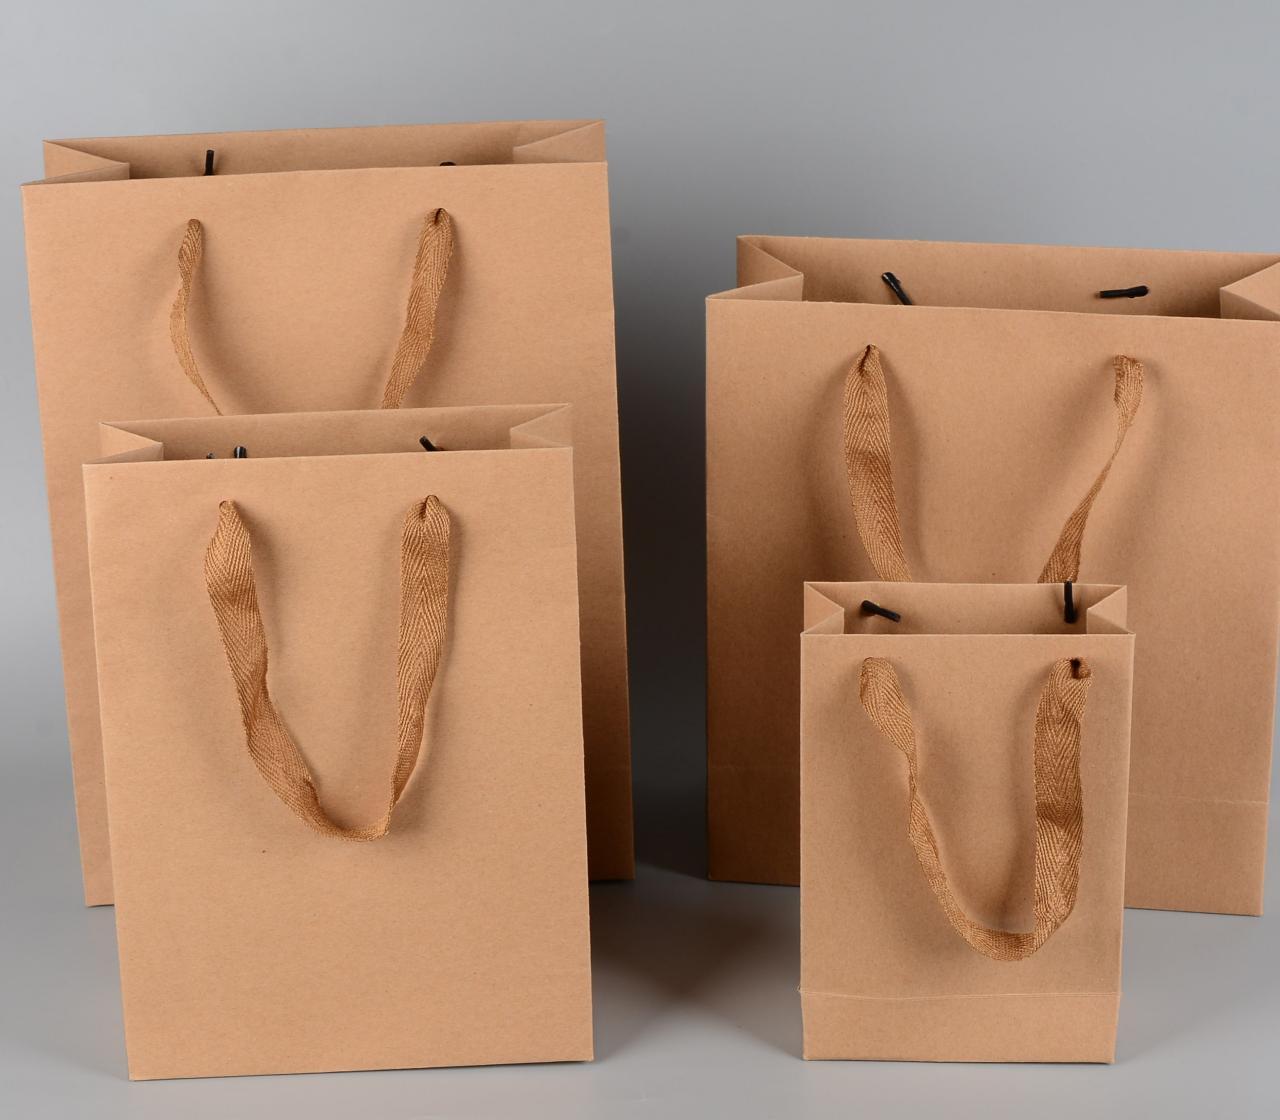 盧旺達以成為全球第一個「無膠國度」為目標,在當地商舖購物都以紙袋替代塑膠袋。